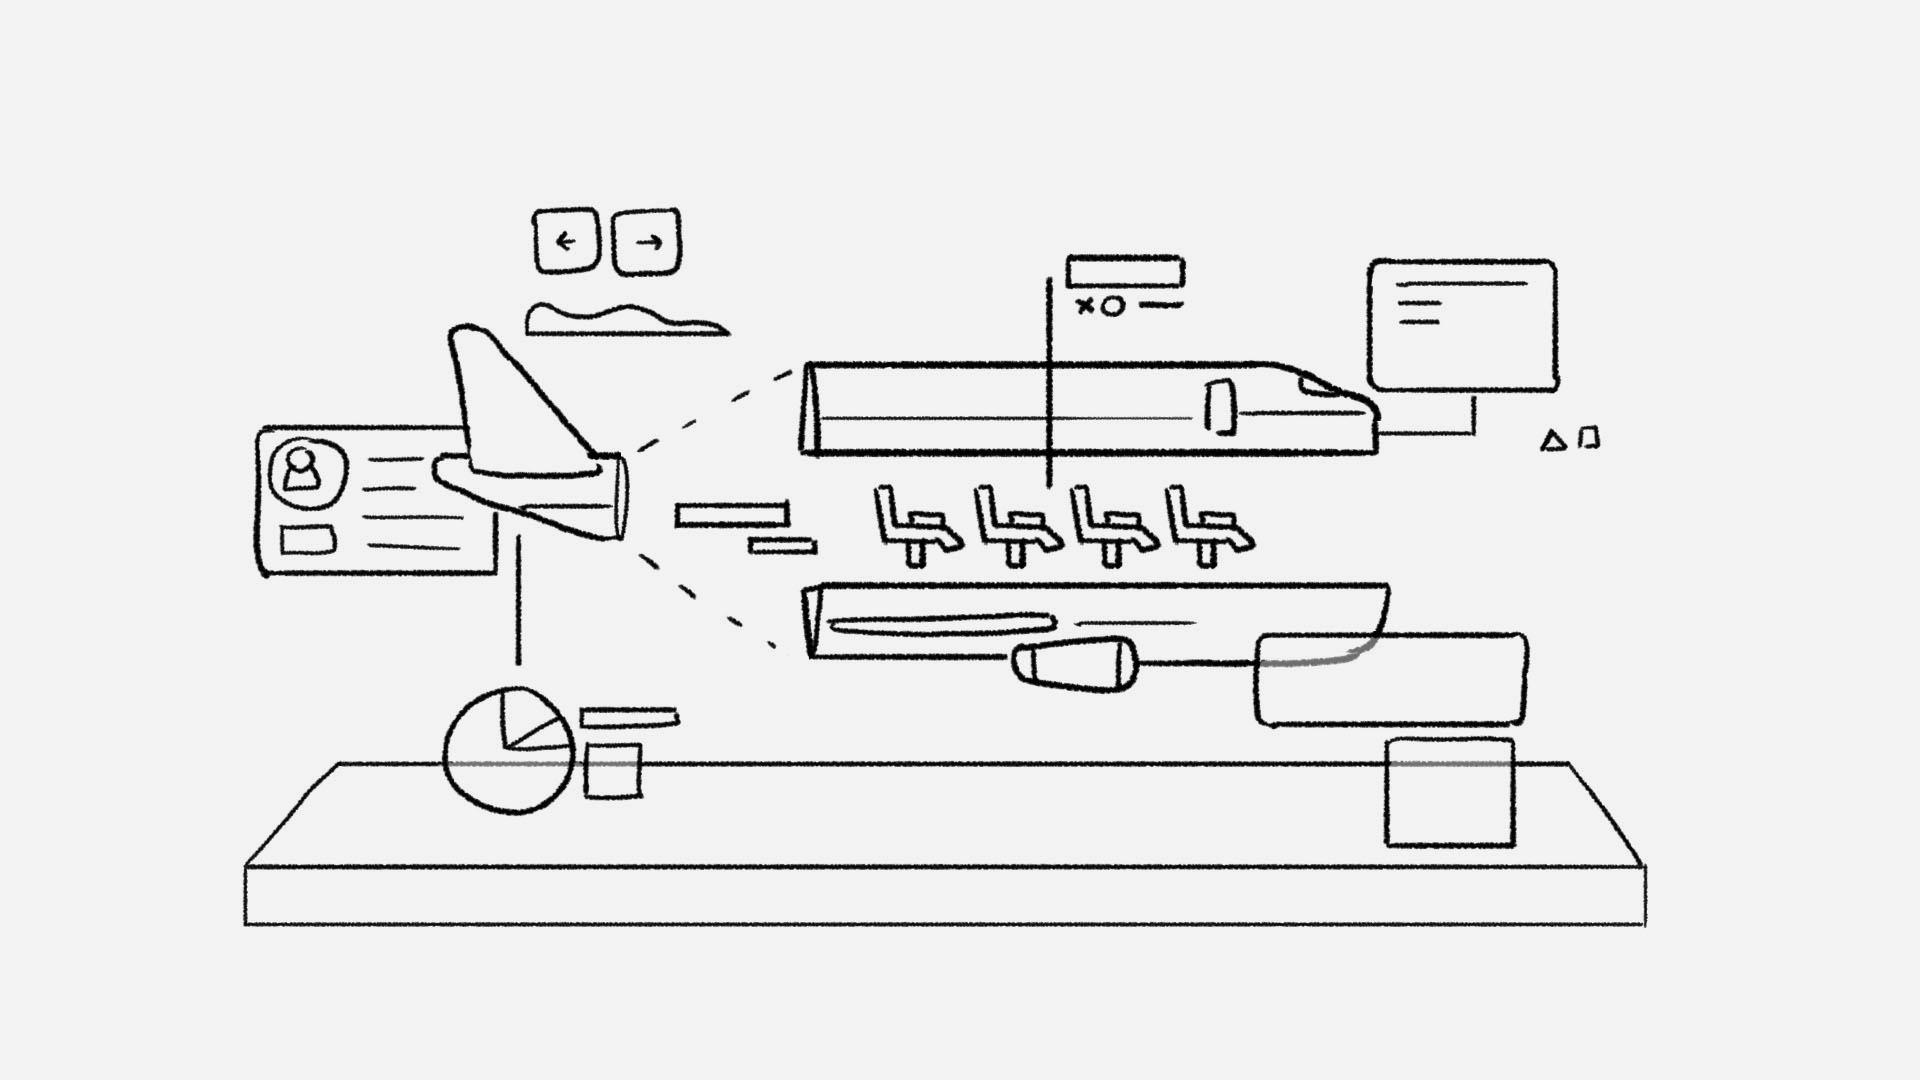 board_01_flight007.jpg